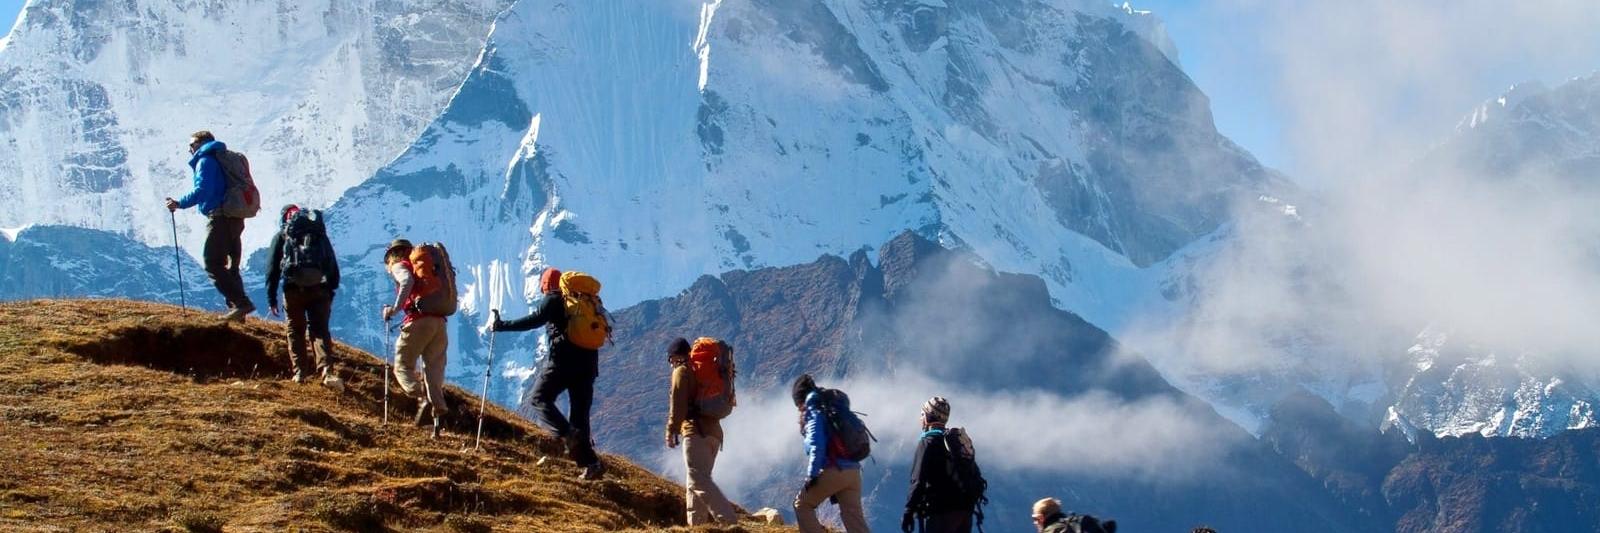 https://gody.vn/blog/cam-nang-trekking/post/10-vat-dung-khong-the-thieu-cho-mot-chuyen-trekking-an-toan-1310